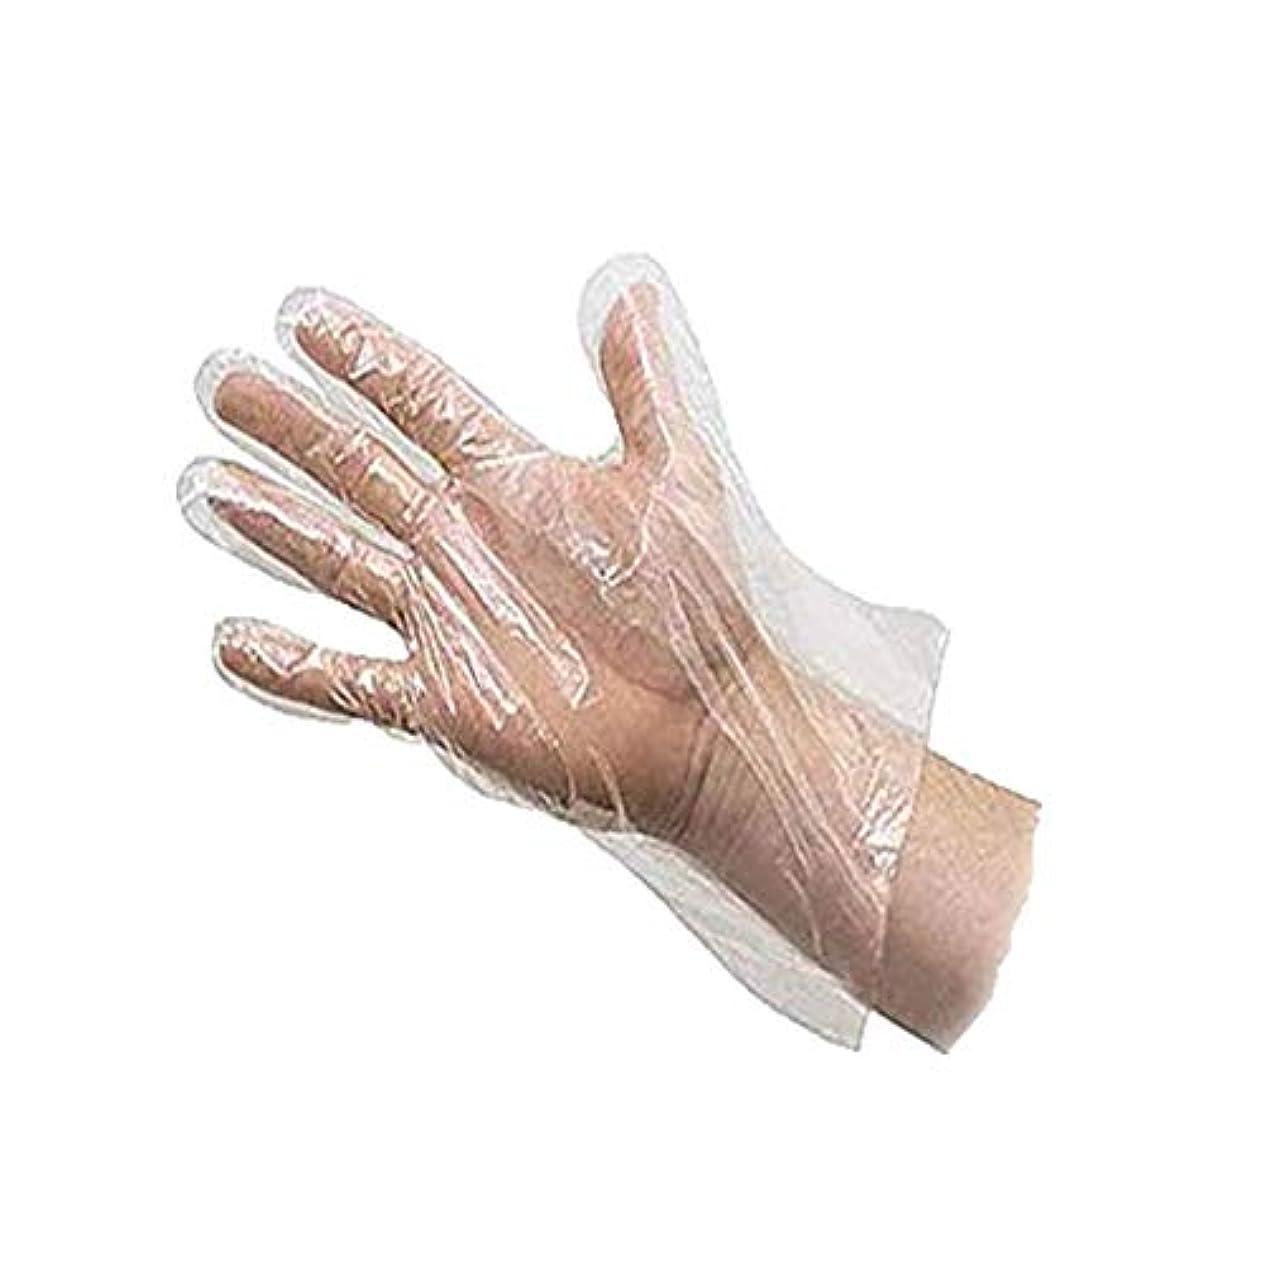 地獄シネマ哲学的Outflower 使い捨て手袋 調理用 食品 プラスチック ホワイト 粉なし 食品衛生 透明 左右兼用 薄型 ビニール極薄手袋 100枚入り